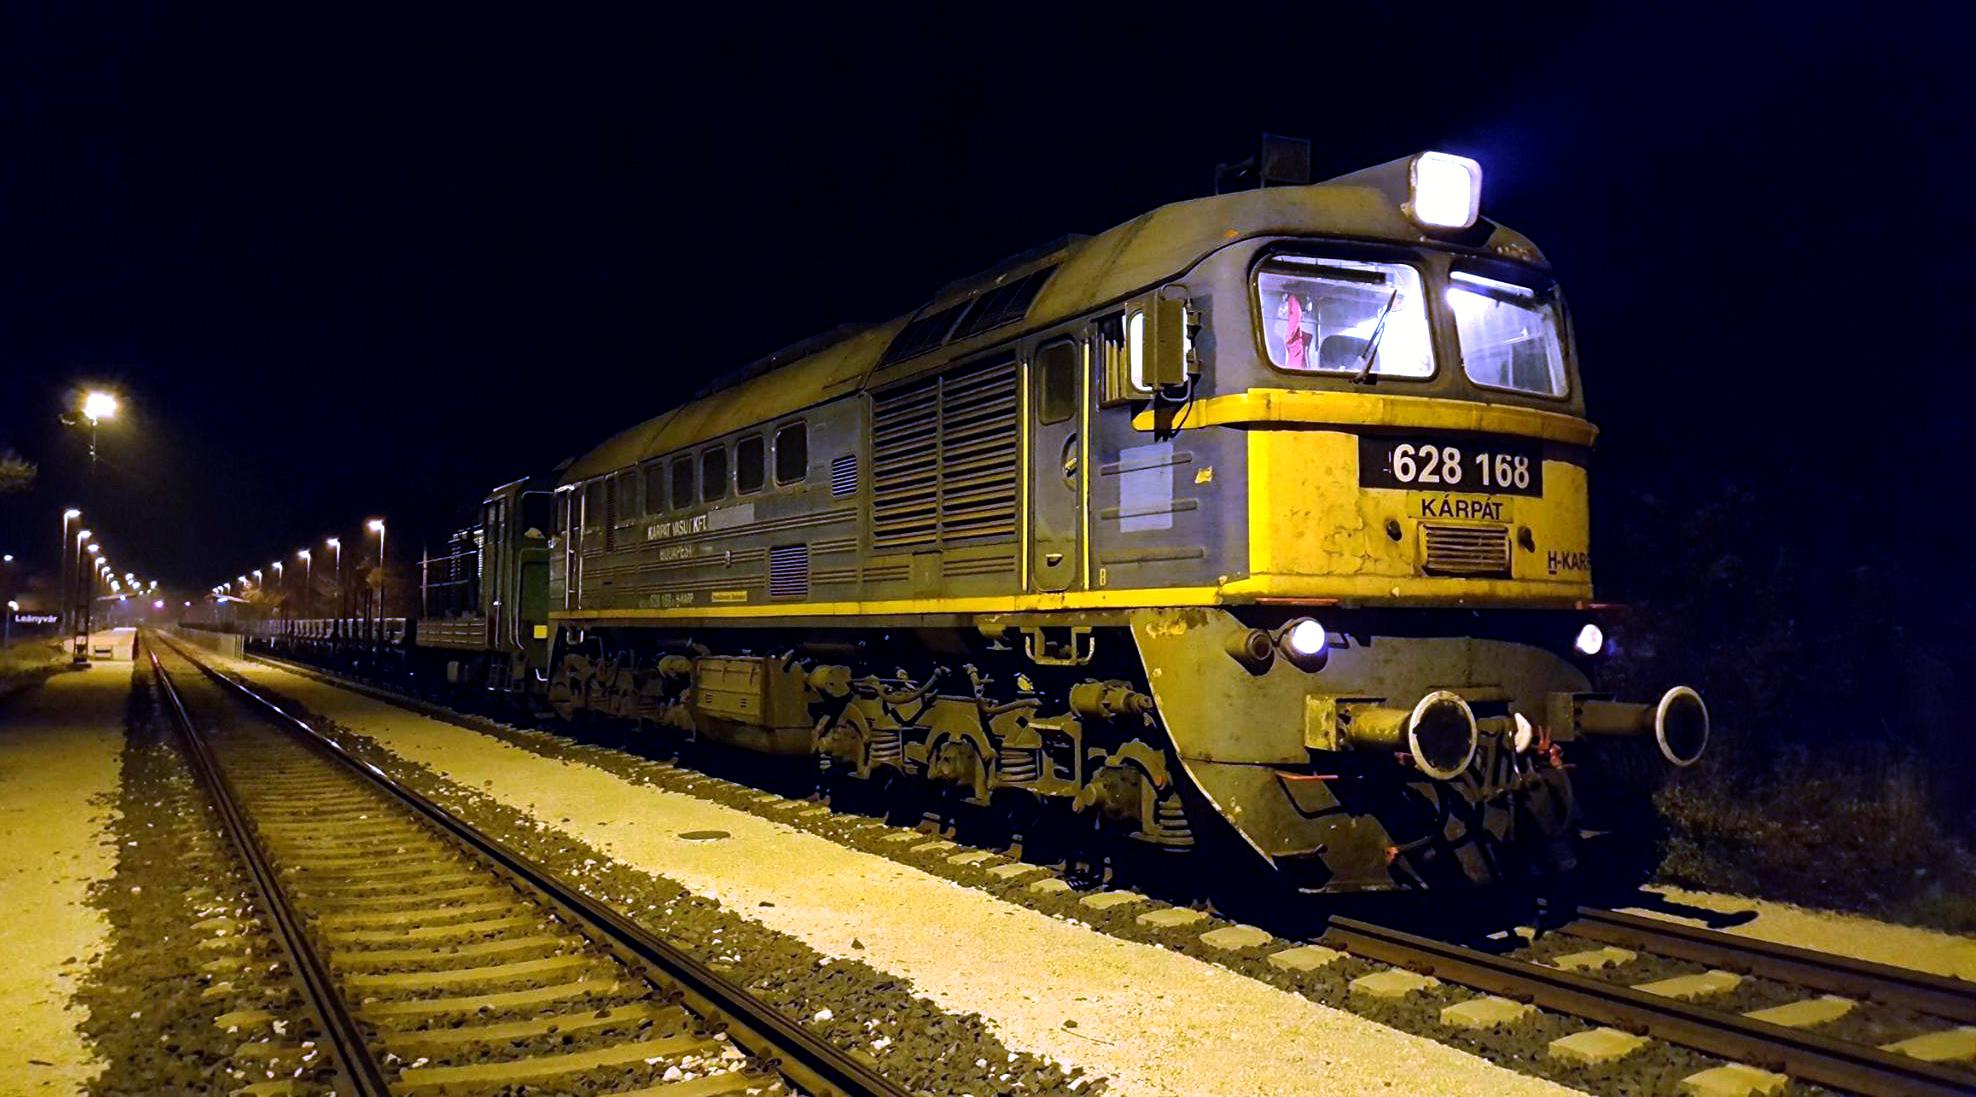 Sajnos az üres vonat már sötétben közlekedett a 2-es vonalon. Lendvai Richárd képén keresztre vár a menet Leányváron